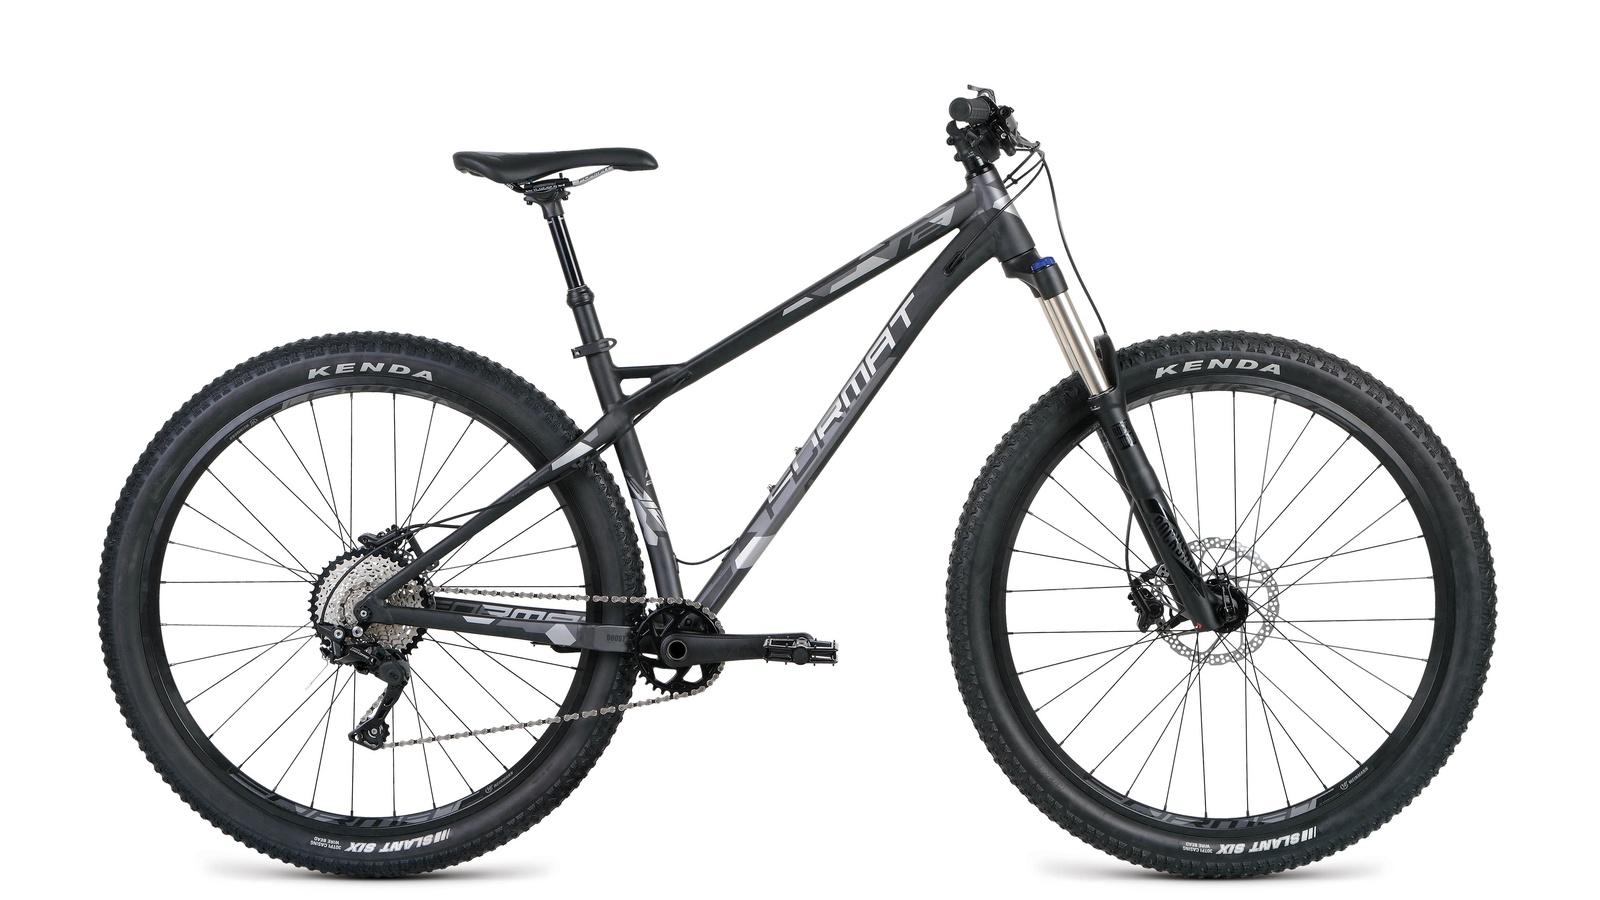 цена на Велосипед Format RBKM9M690005, черный